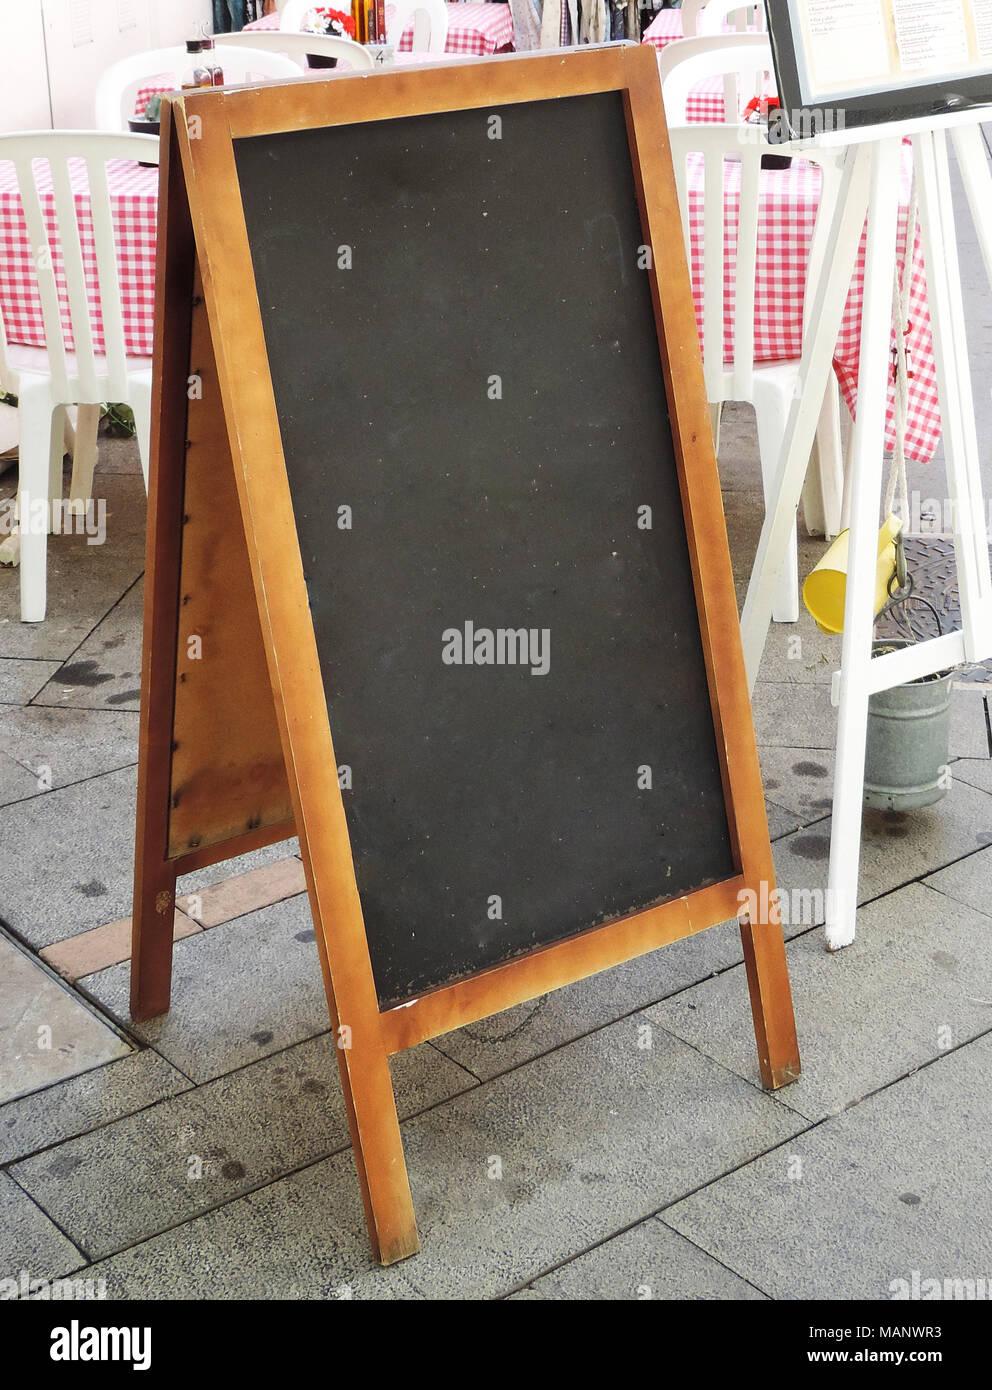 Menu Vierge Pancarte Dans Un Restaurant Panneaux En Bois Ou Tableau En Face D Un Restaurant Avec Un Espace Blanc Photo Stock Alamy